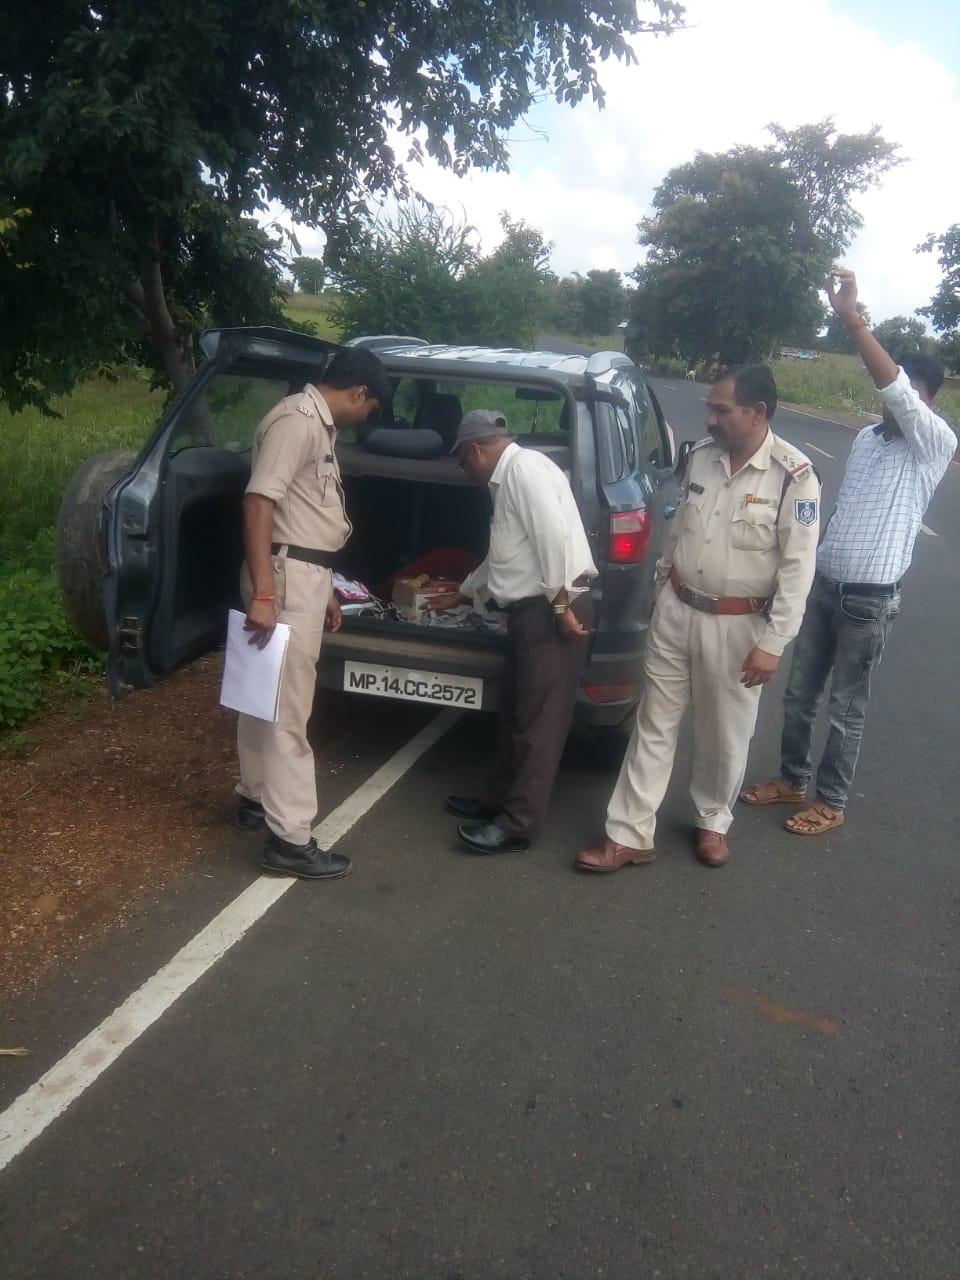 Jhabua News-एसएसटी दल एवं फ्लाइंग स्काॅट द्वारा चैक पोस्ट पर वाहनो की तलाशी  जारी